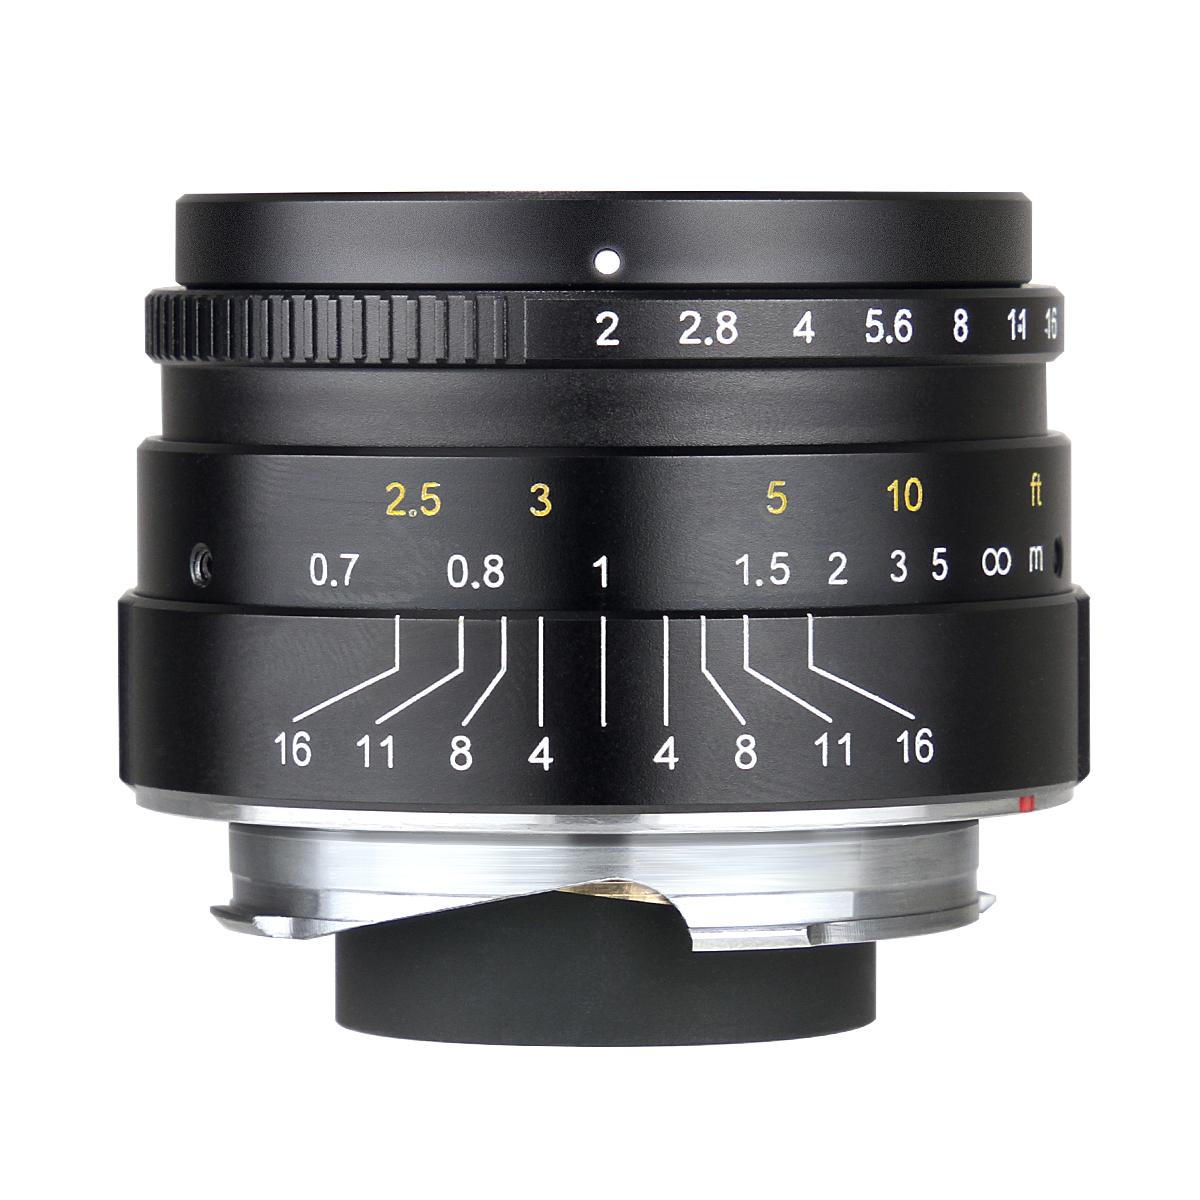 七工匠 7Artisans 35mm F2 単焦点レンズ ライカMマウント